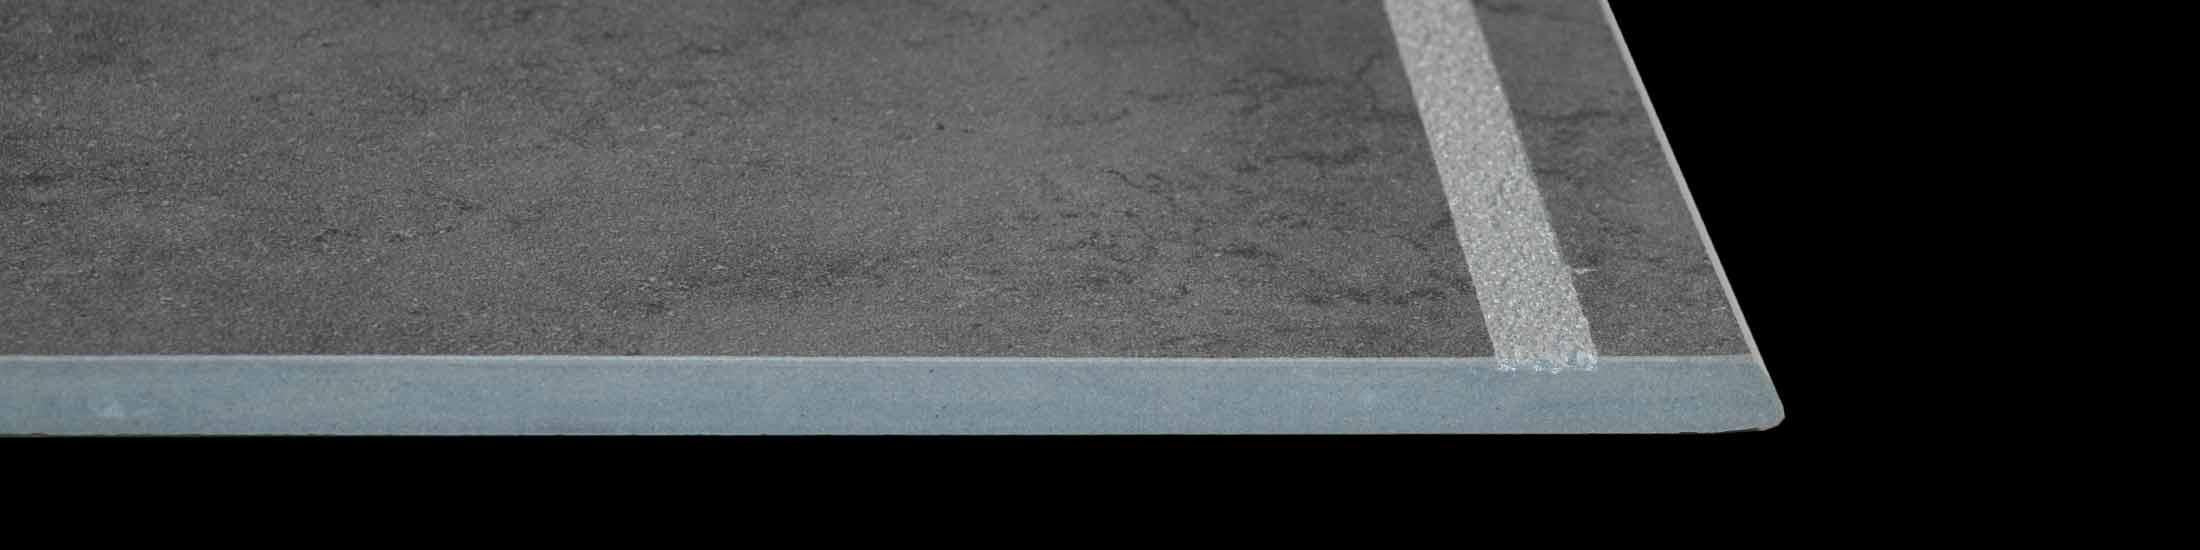 Zuschnitte und Formteile aus Fliesen nach Wunsch • Cerasell